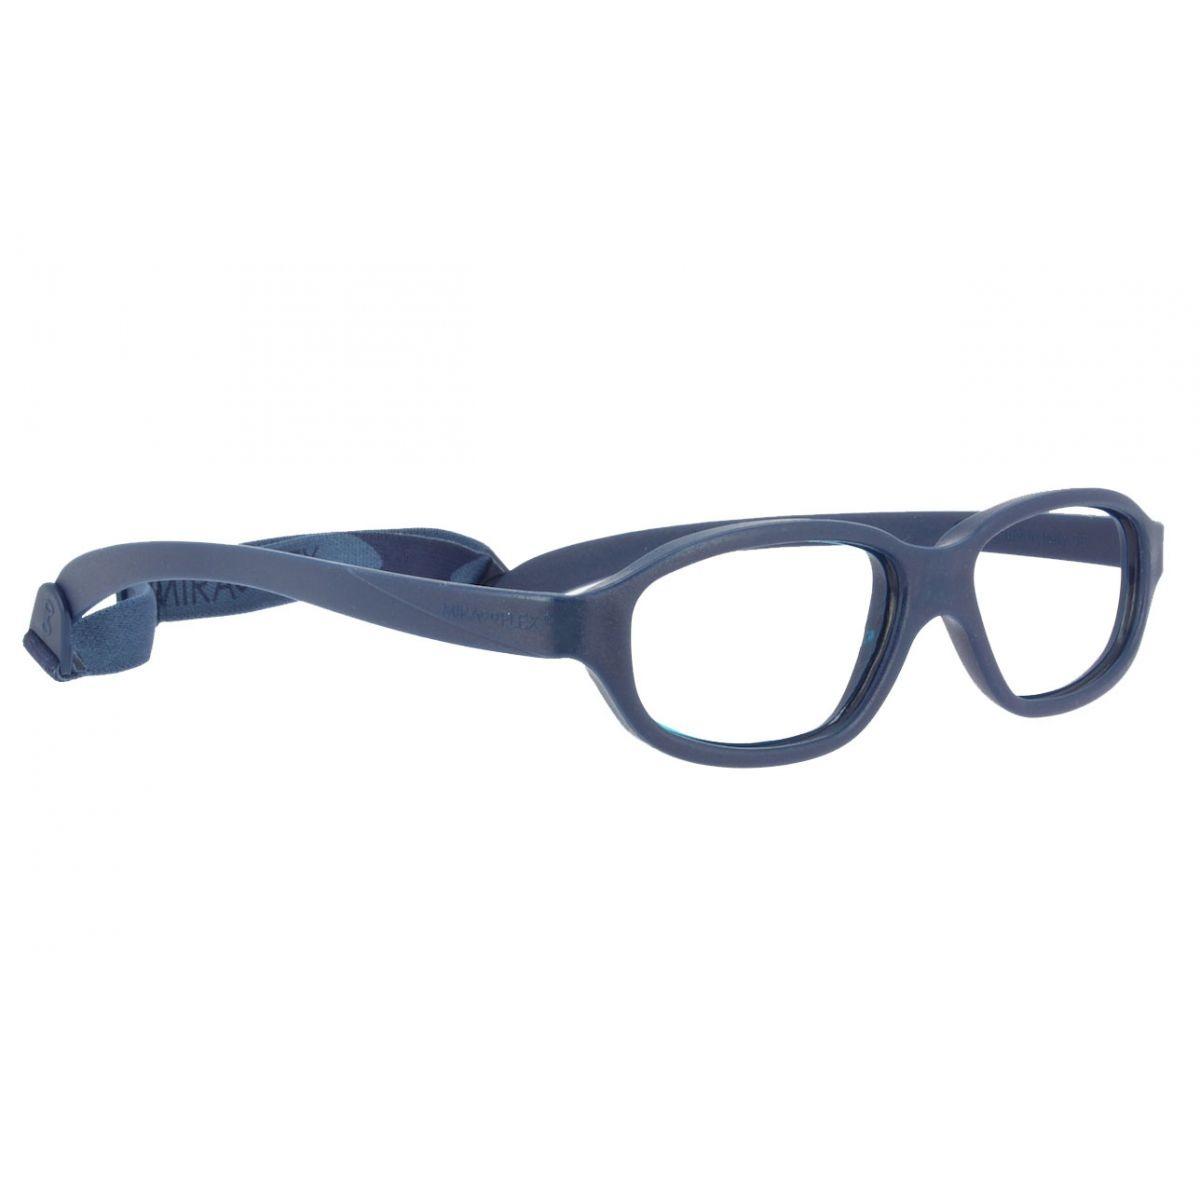 c69381927edd5 Óculos Silicone Miraflex Masculino 10 A 15 Anos Nick Tam. 48 - R  389